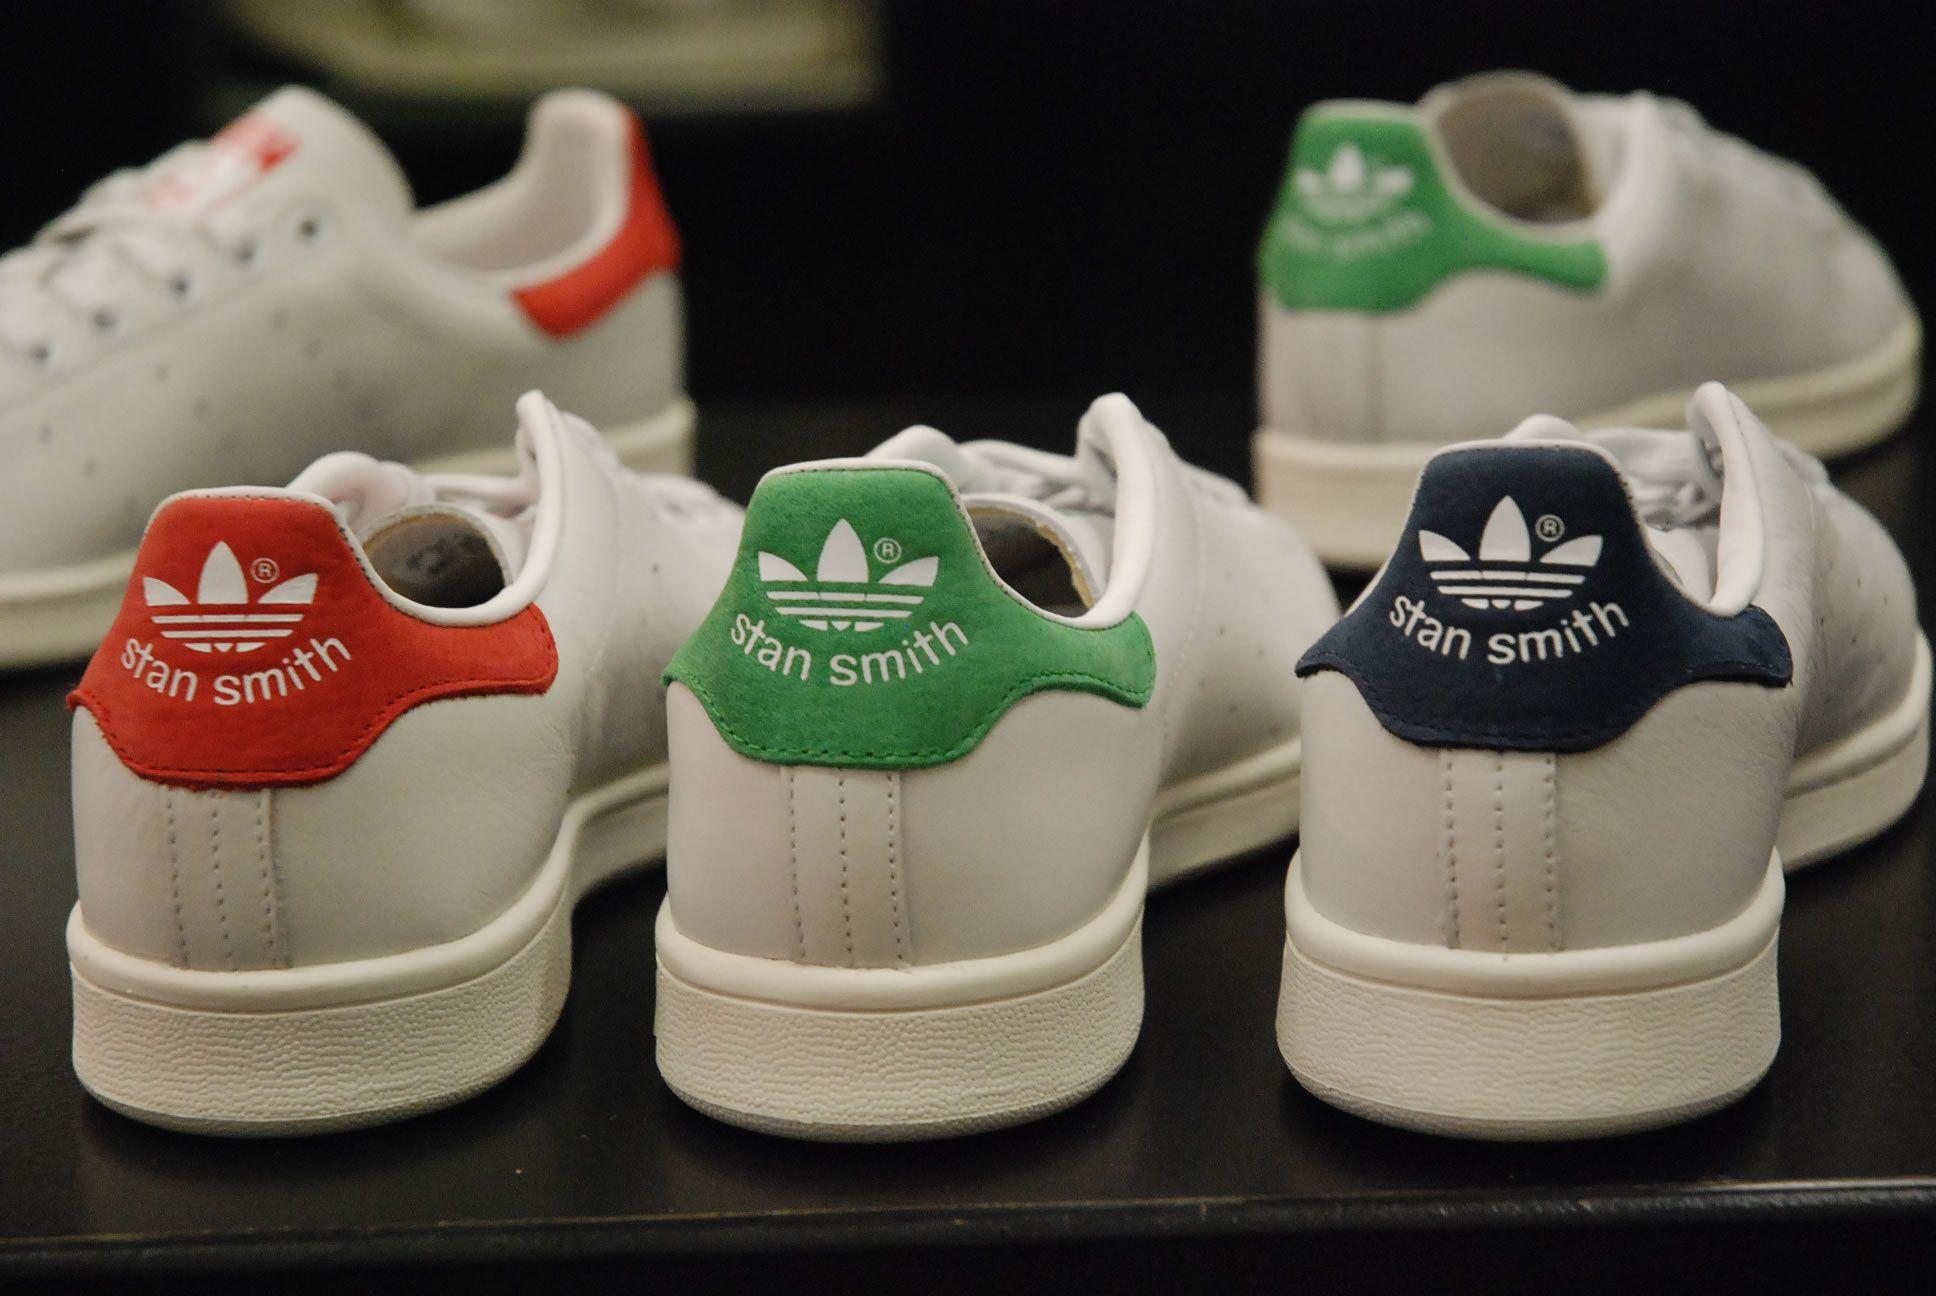 plus récent c930c d12b0 Adidas Stan Smith réédition 2014 en bleu vert et rouge ...